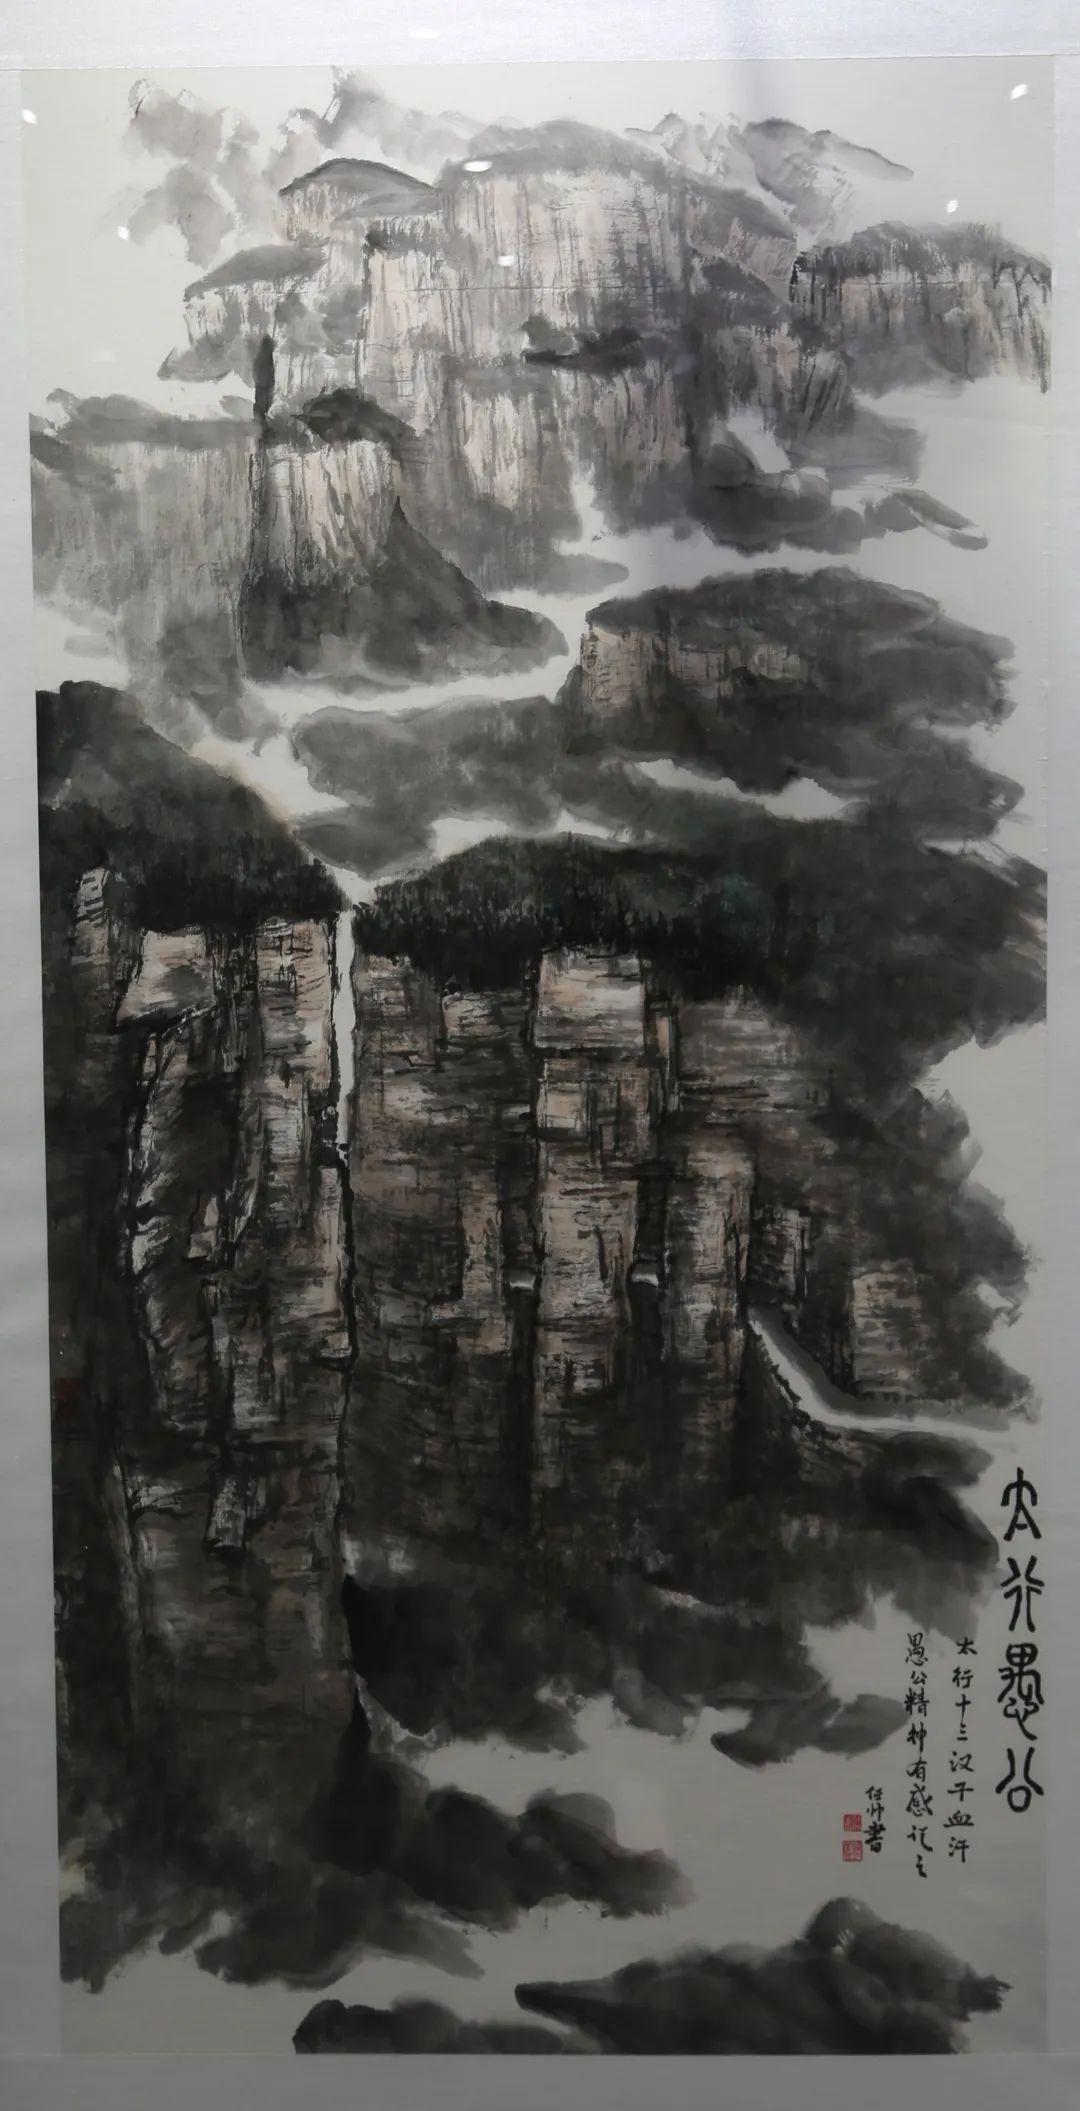 传承红色文化 携手共迎小康 苏皖两省六市书画展在蚌埠开幕(图12)